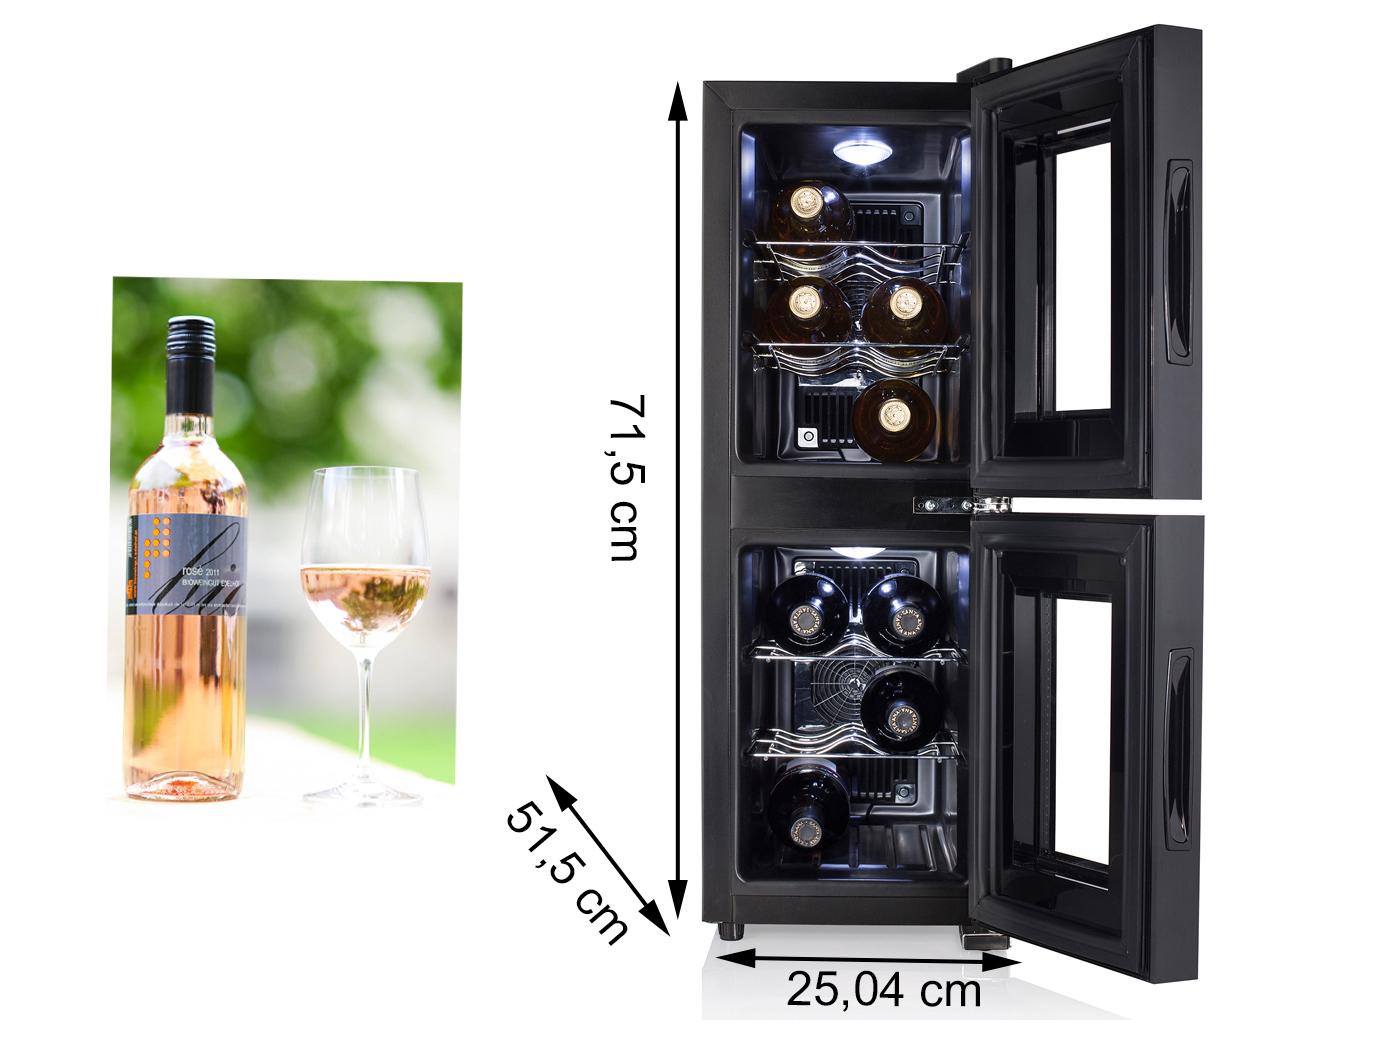 weink hlschrank 2 zonen f r 12 flaschen weinklimaschrank weintemperierschrank ebay. Black Bedroom Furniture Sets. Home Design Ideas